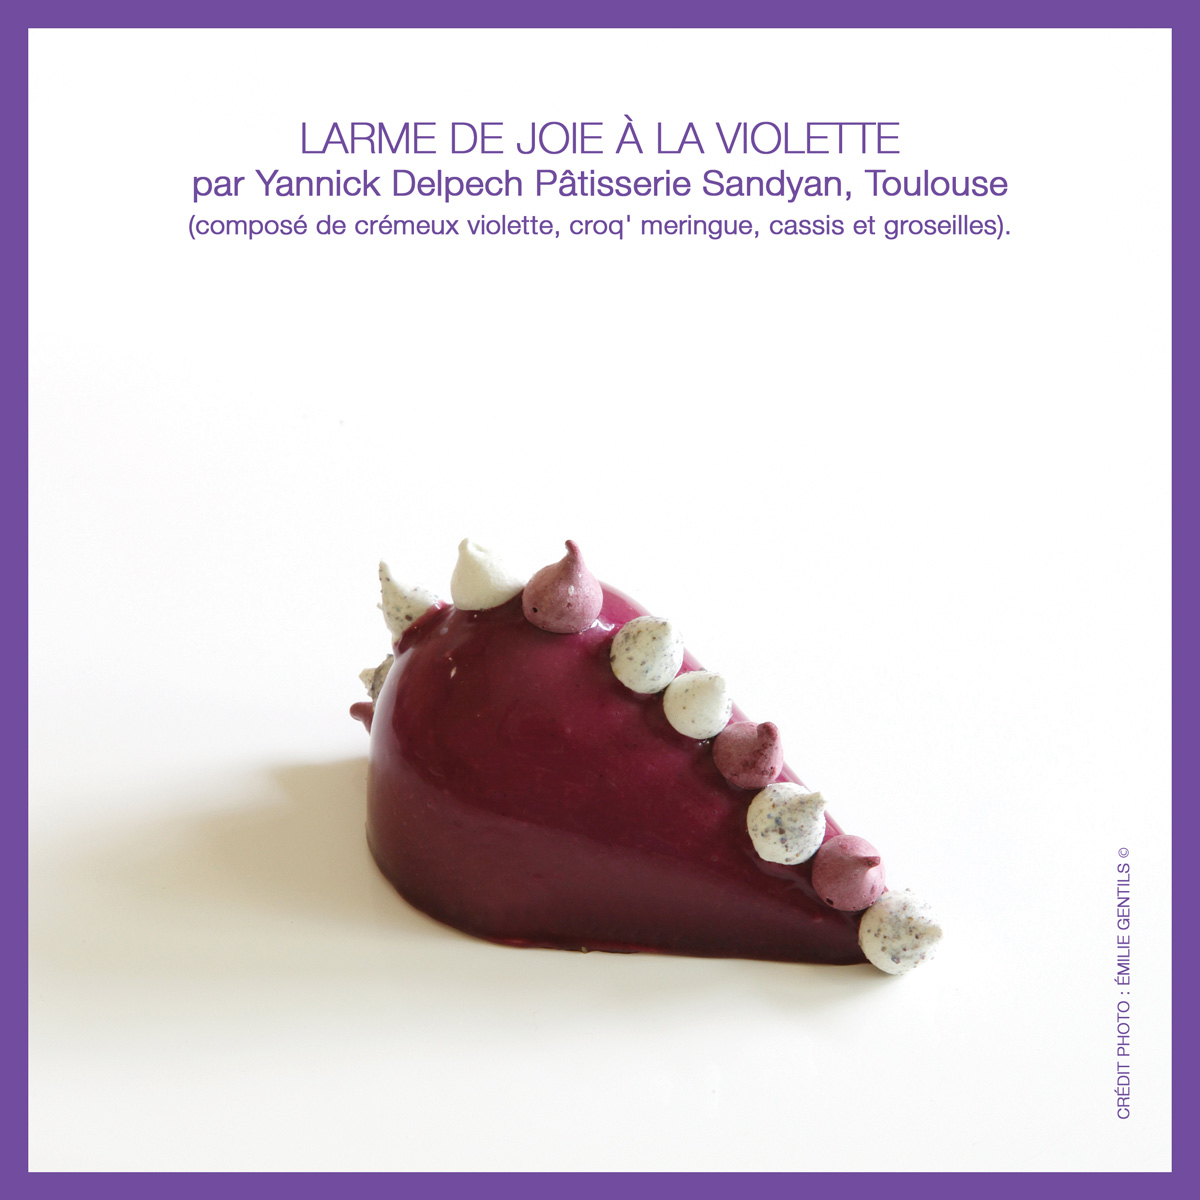 Sandyan---dessert-larme-de-joie-Violette-par-yannick-Delpech